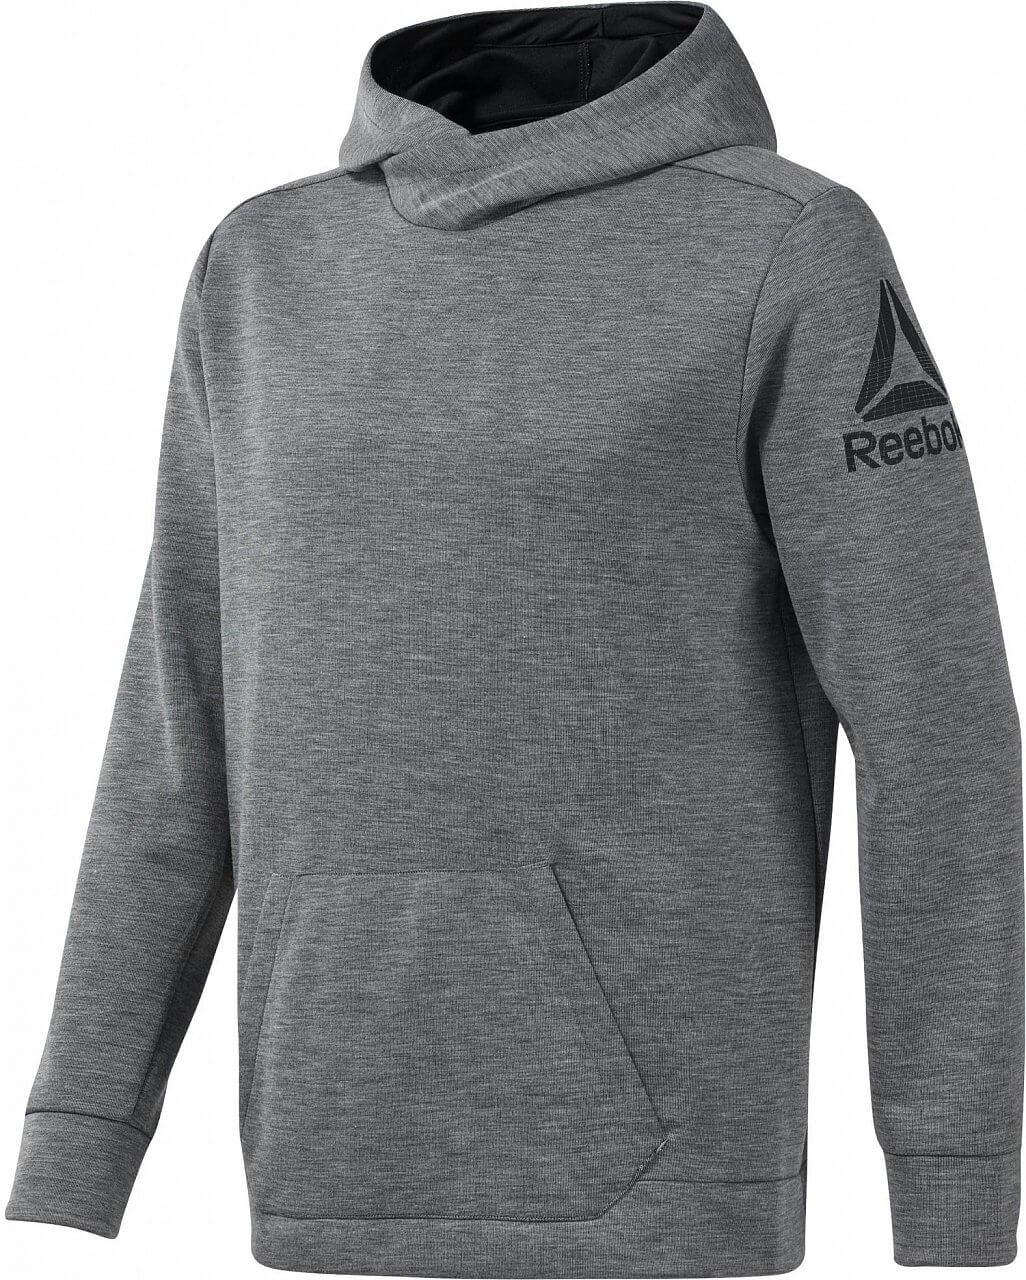 Reebok Workout Ready Double Knit Hoodie. Pánská sportovní mikina 1a5c607fdc0